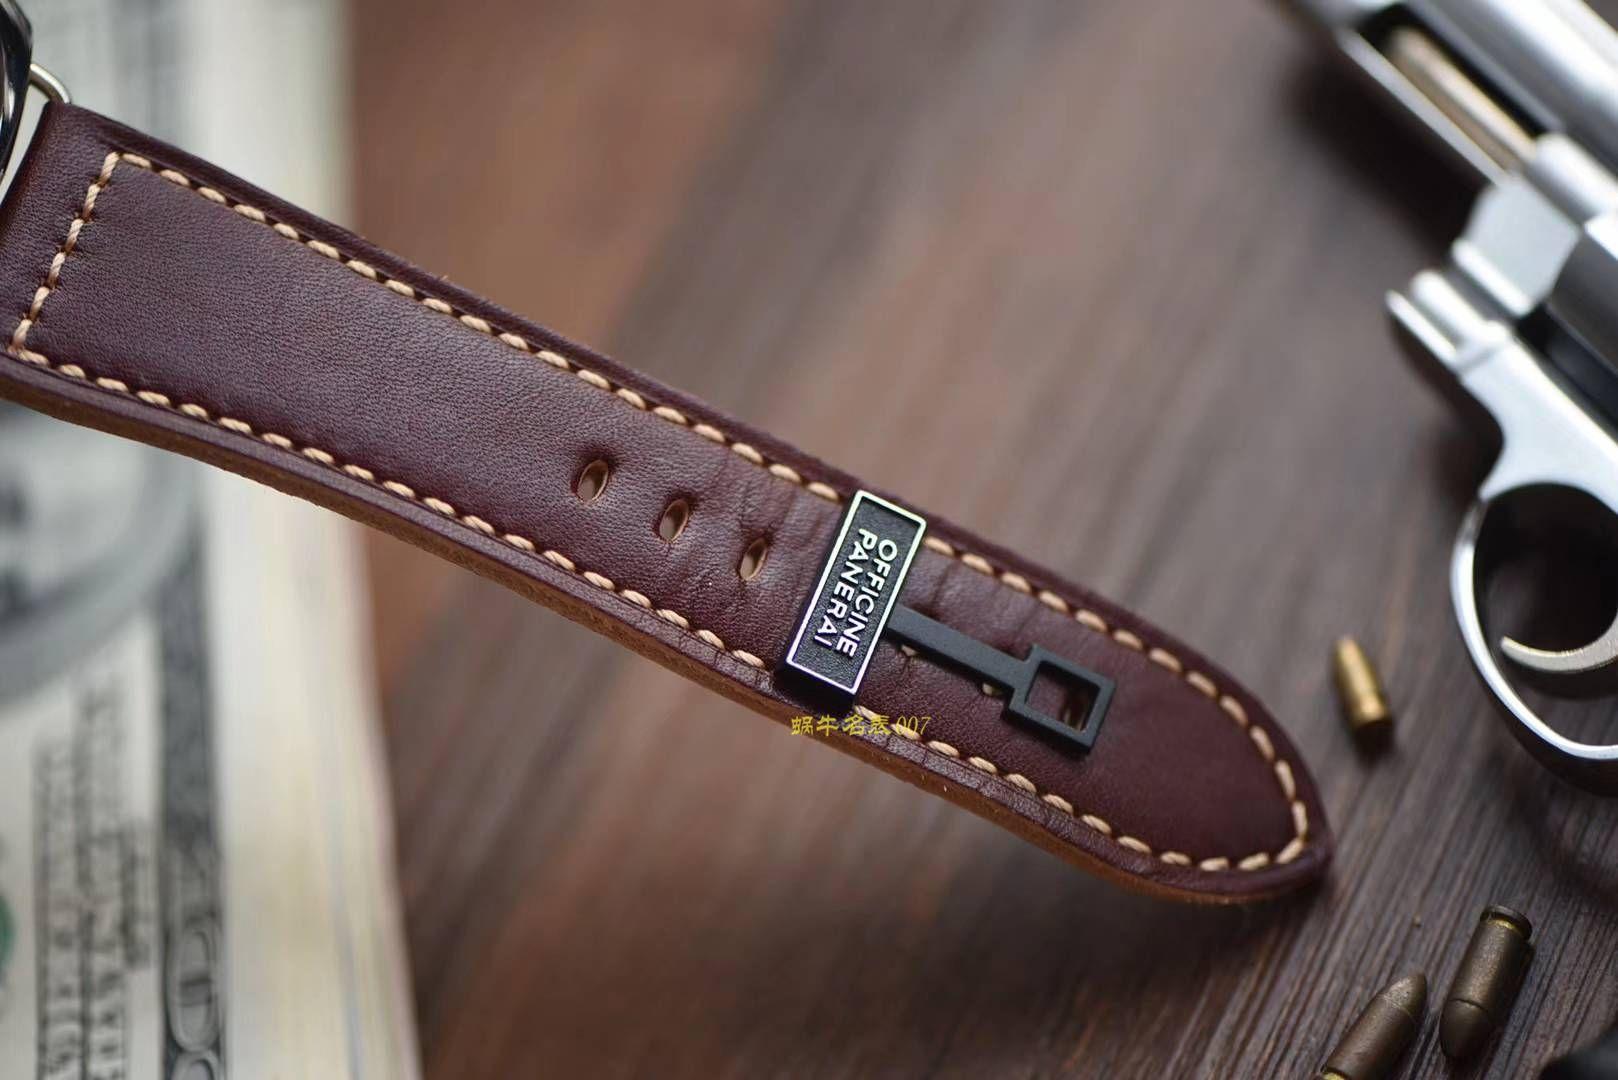 沛纳海LUMINOR系列PAM00488腕表【SF一比一顶级复刻手表】 / sfpam448